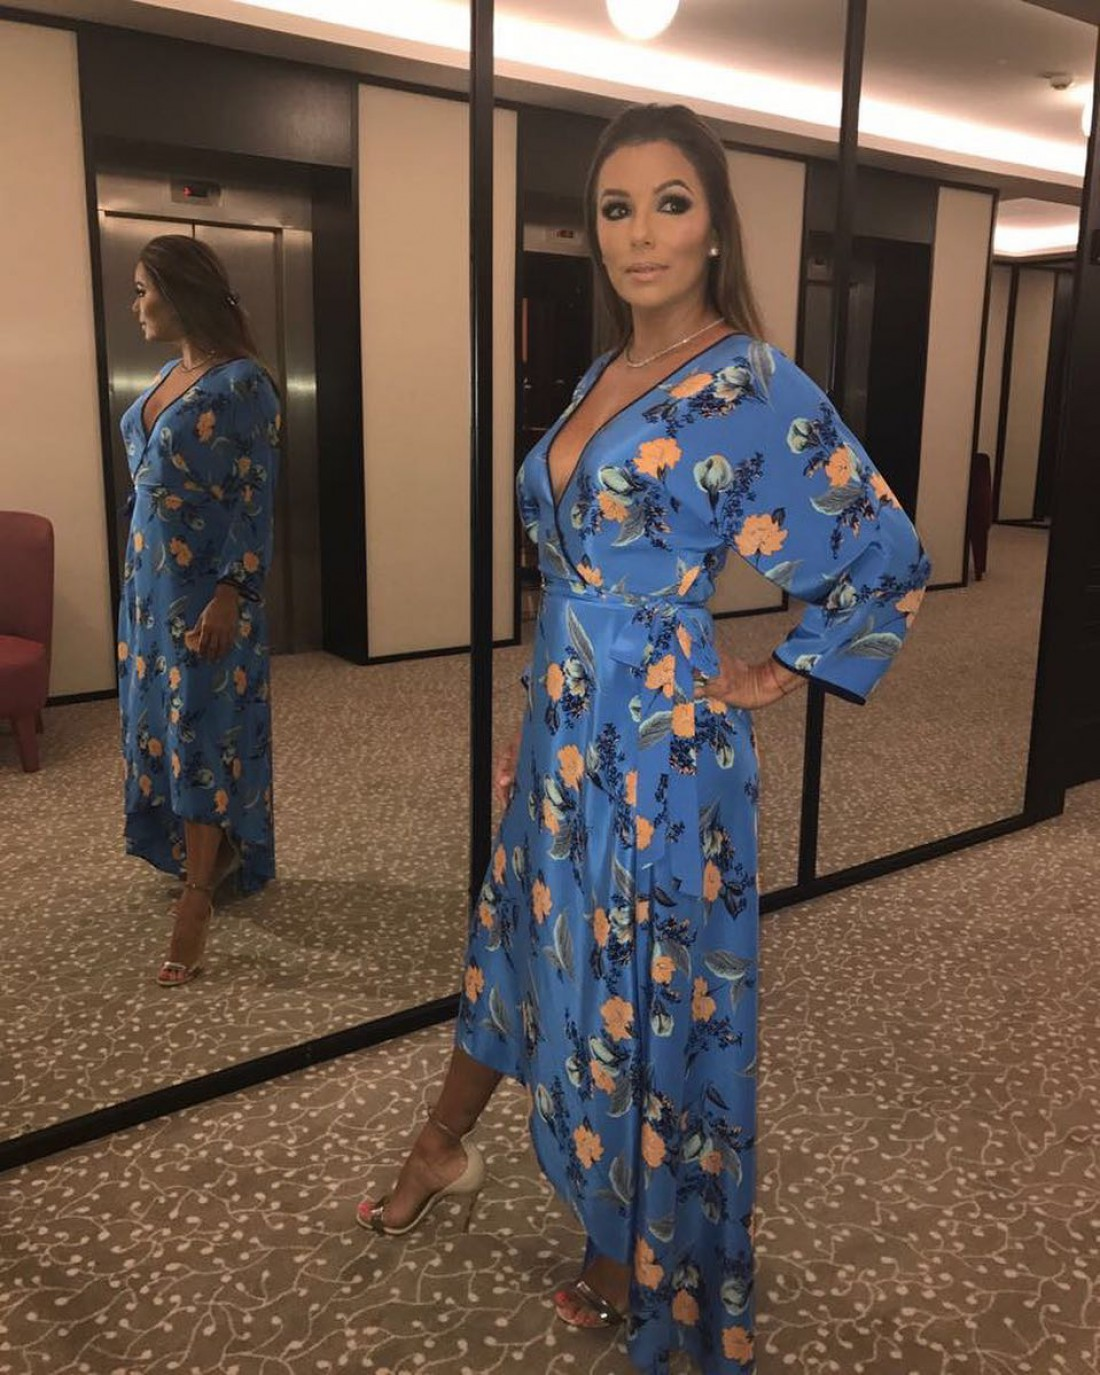 Єва Лонгорія вийшла в світ у приголомшливому плаття